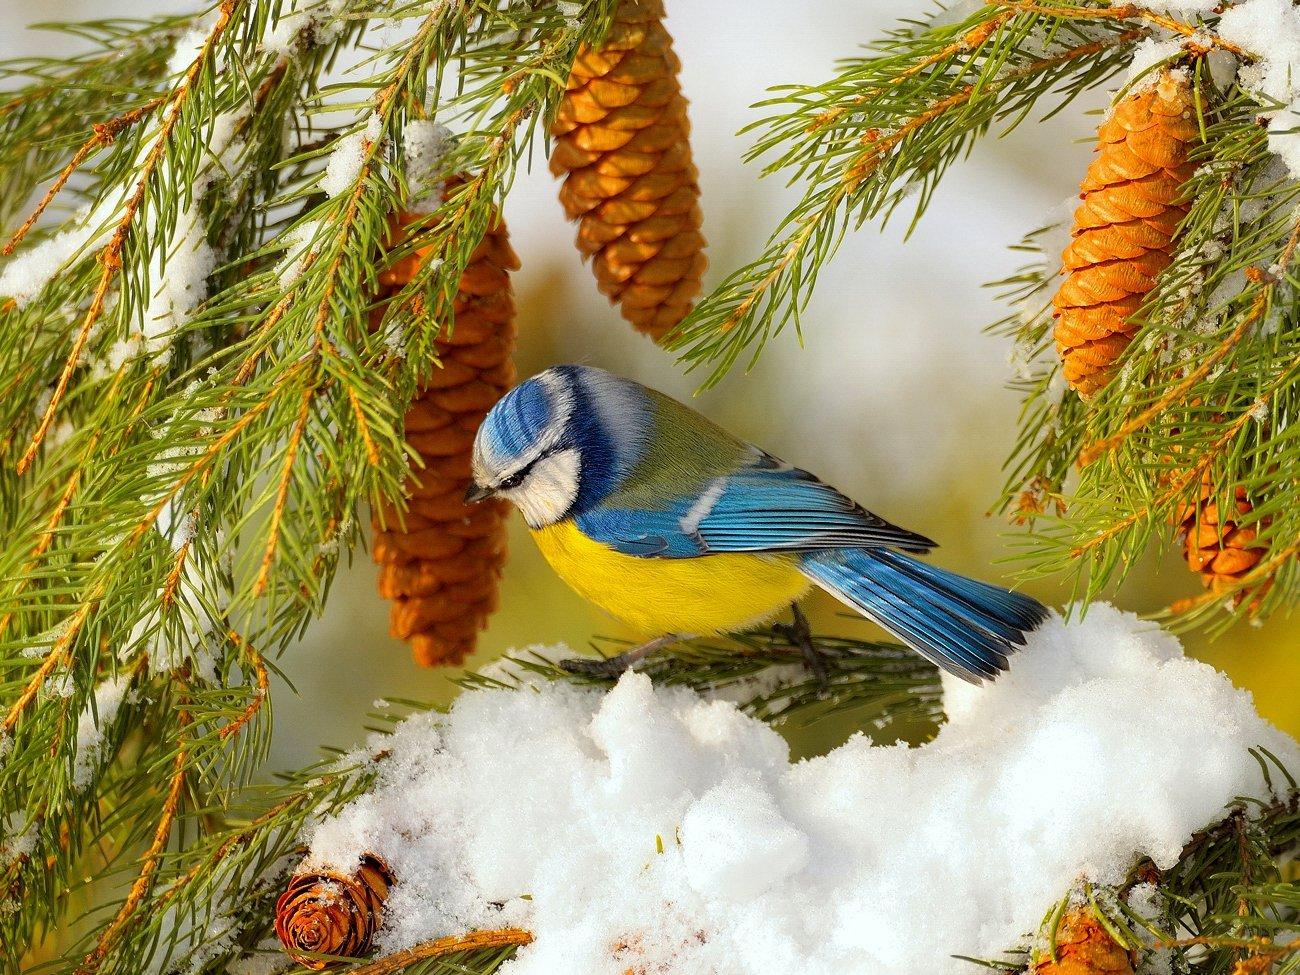 природа, фотоохота, лазоревка обыкновенная, ель,птицы, животные,дерево,снег, зима, vladilenoff